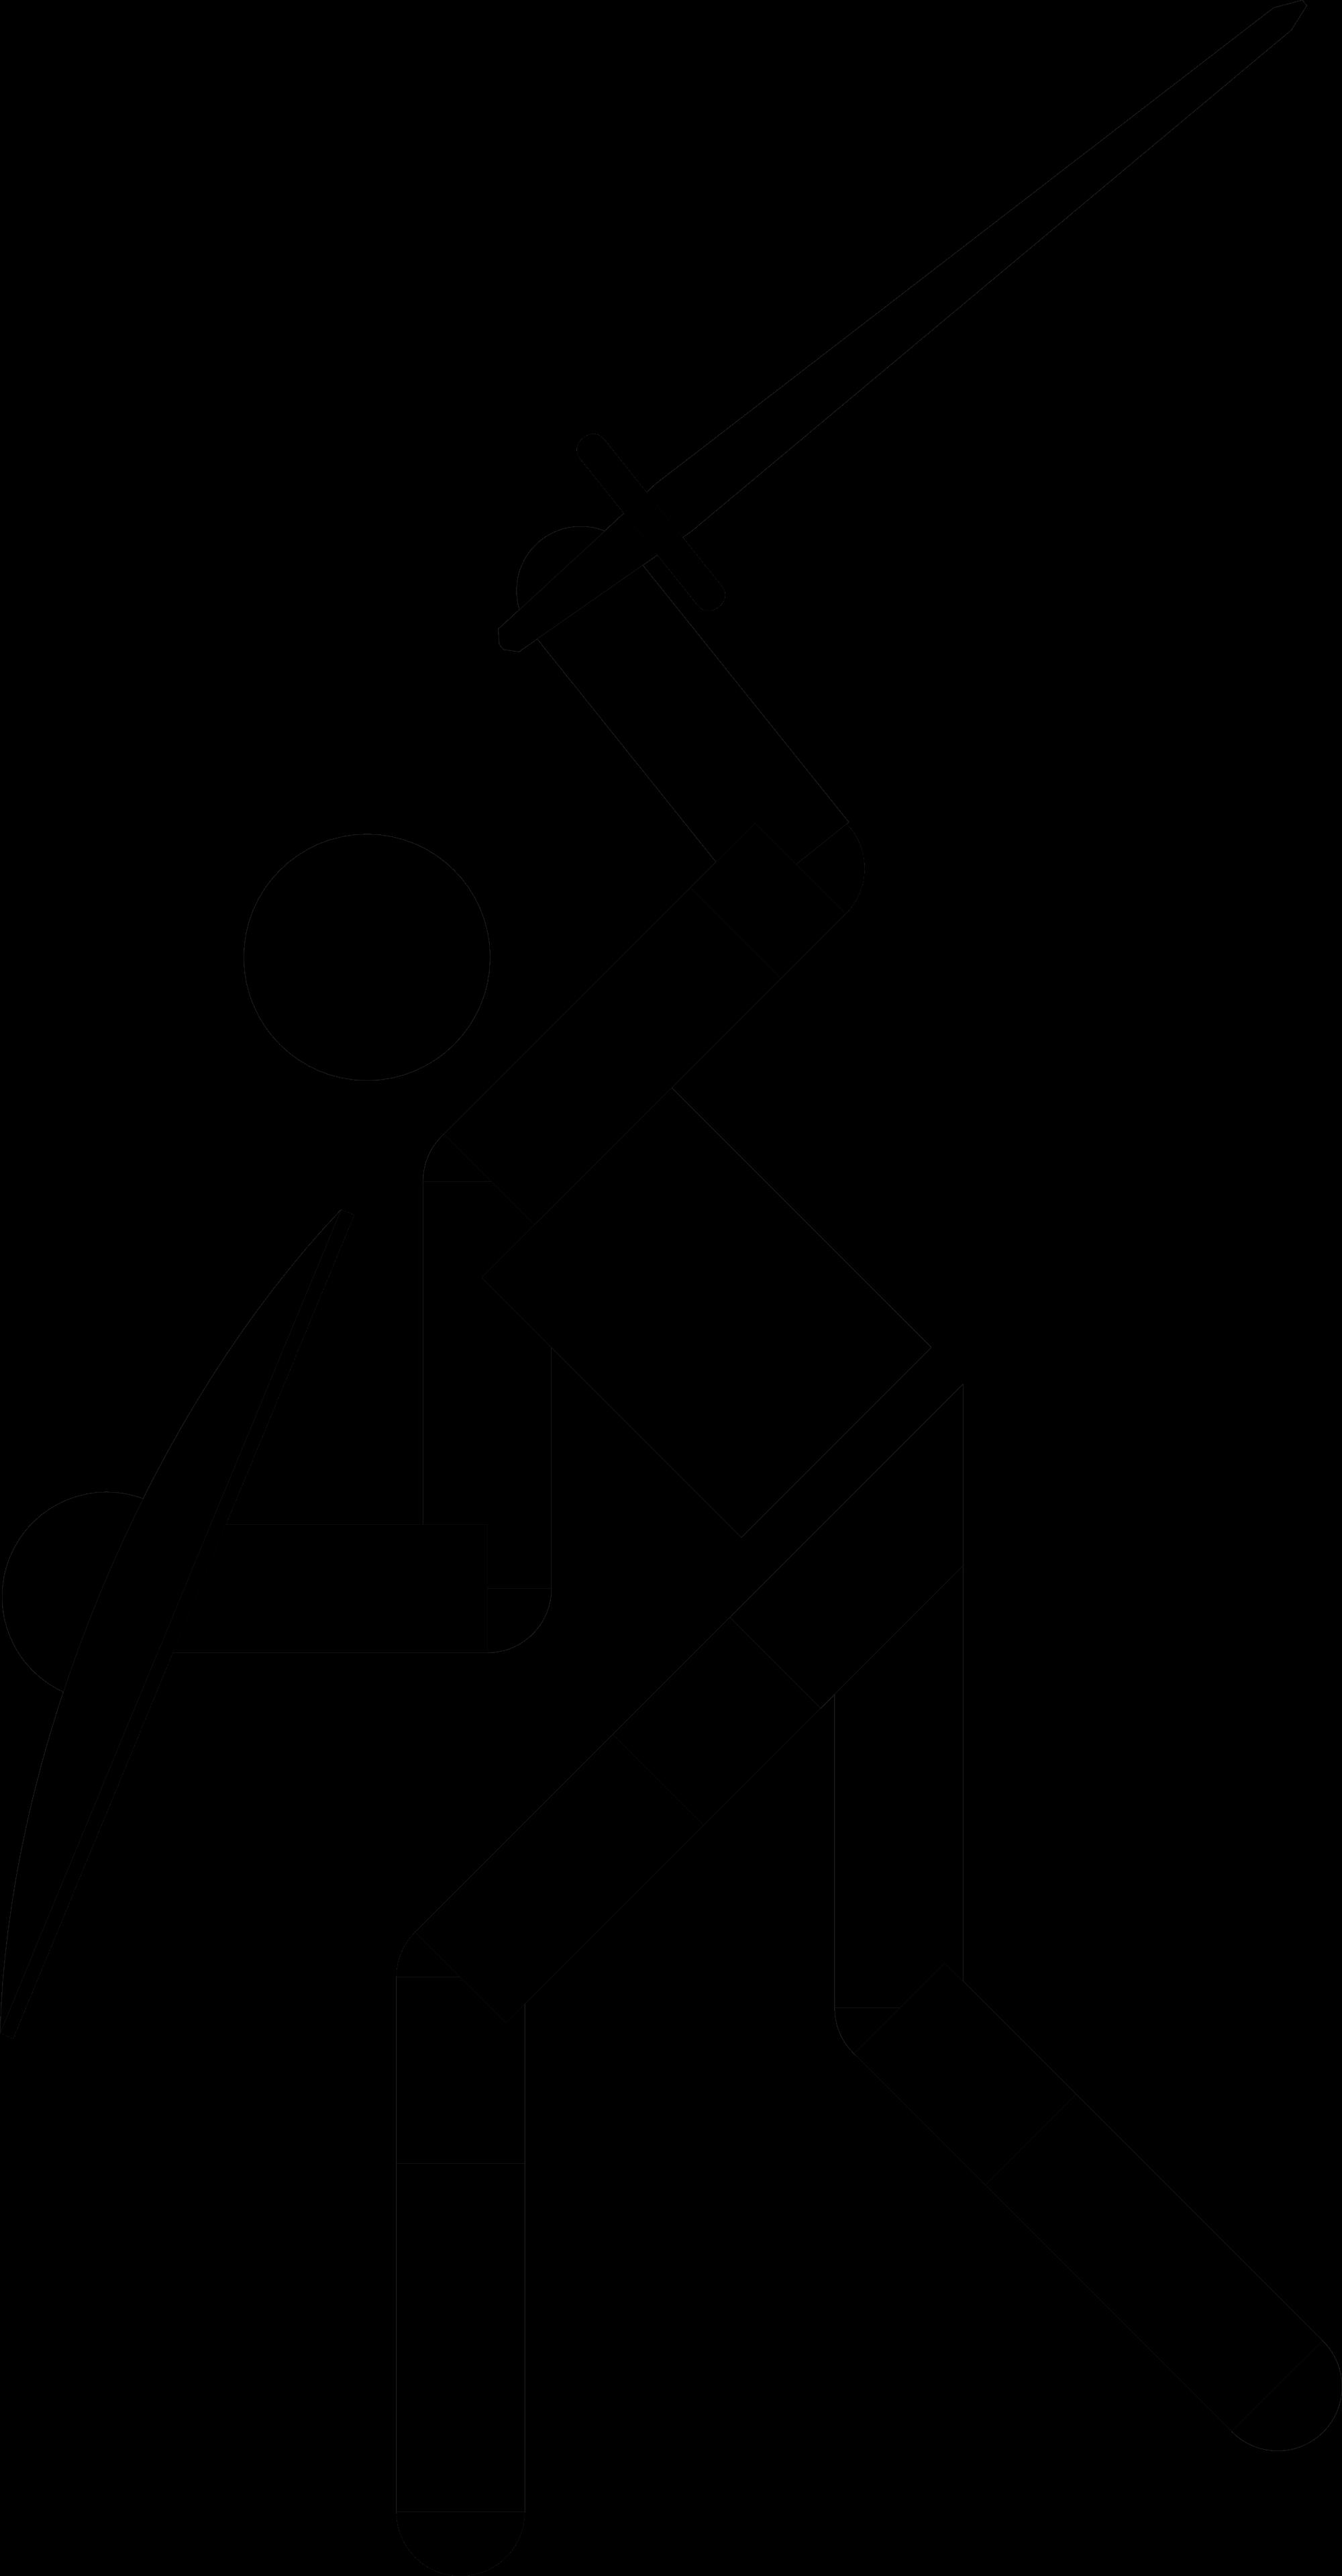 Fechten Piktogramm Gross Yd Logo